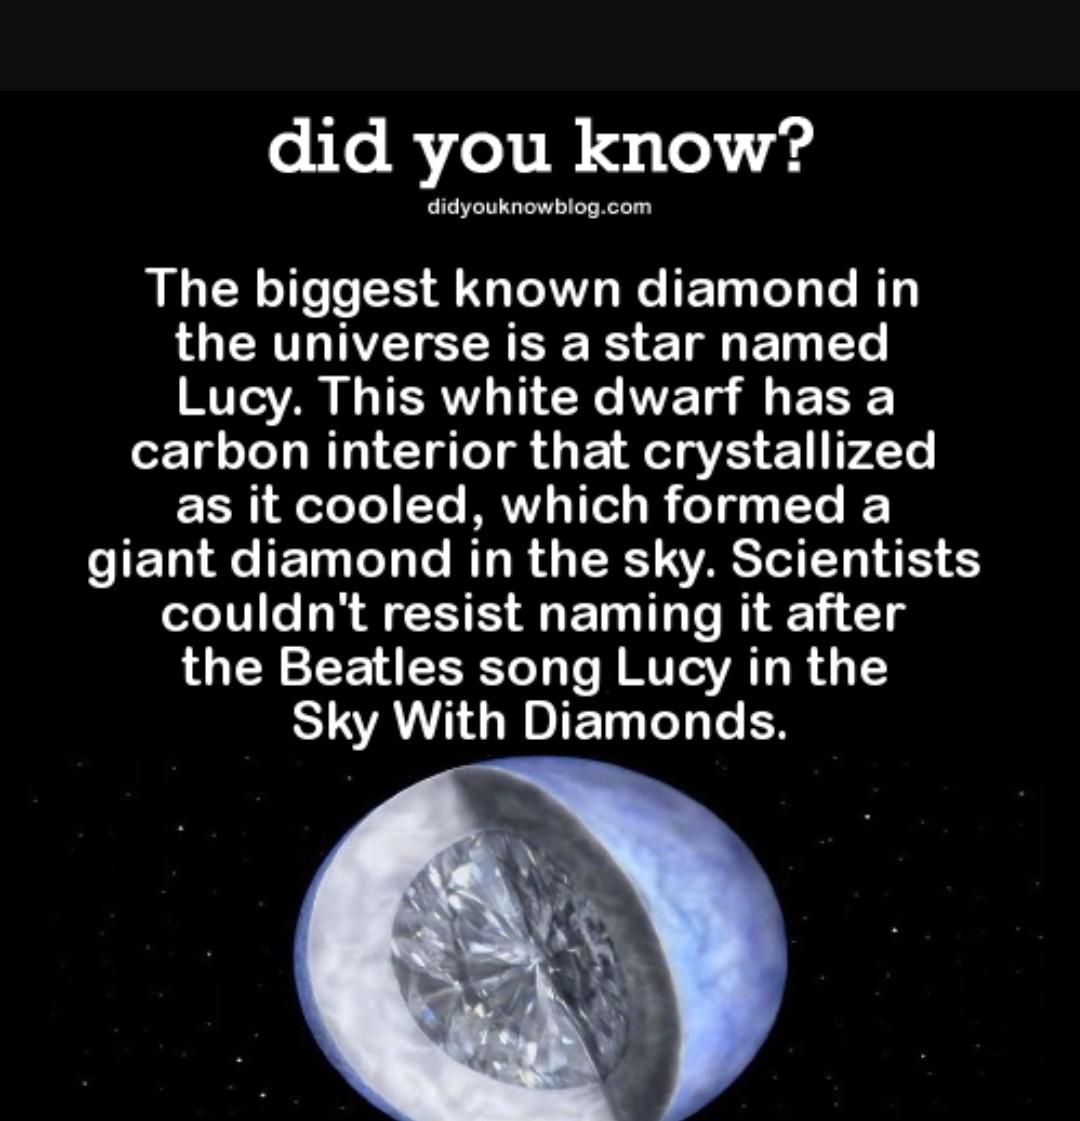 Lucy is rich - meme